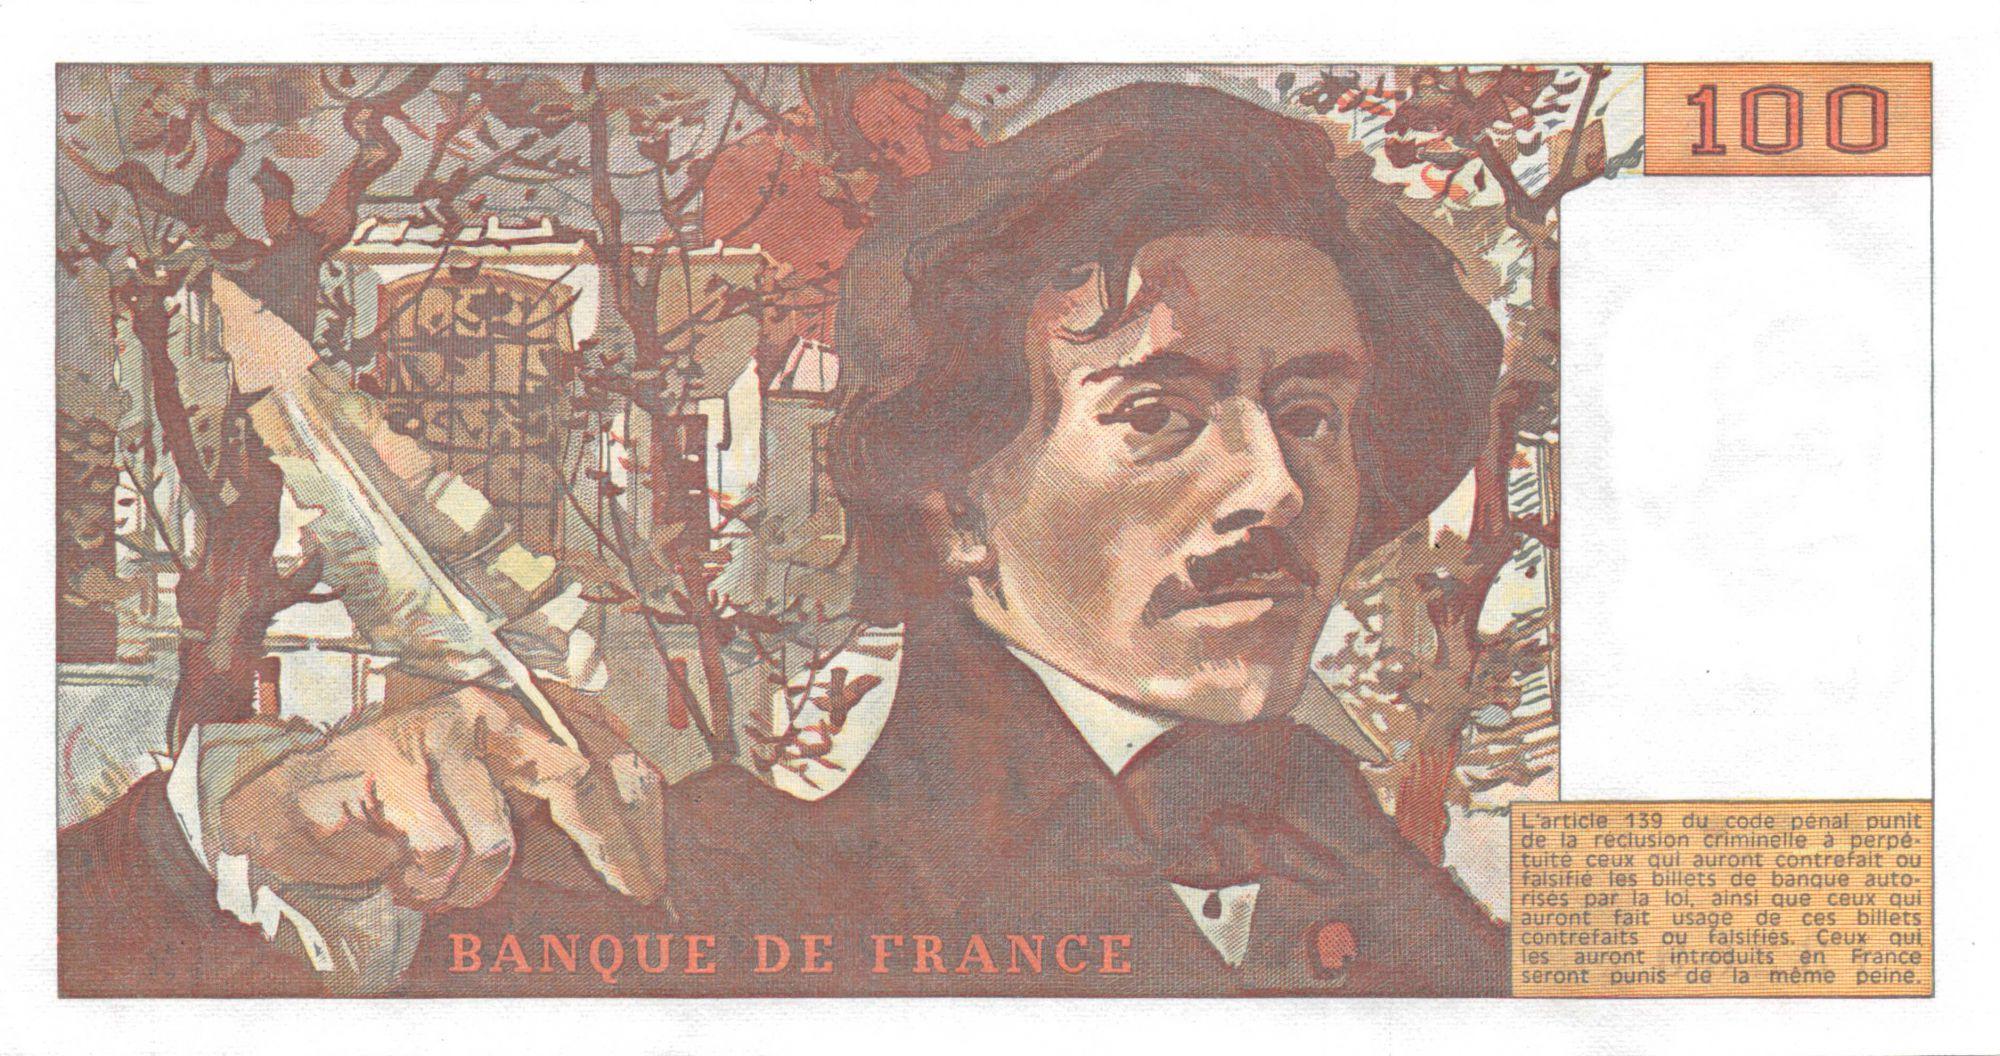 France 100 Francs Delacroix - 1979 - Série S.13 - NEUF